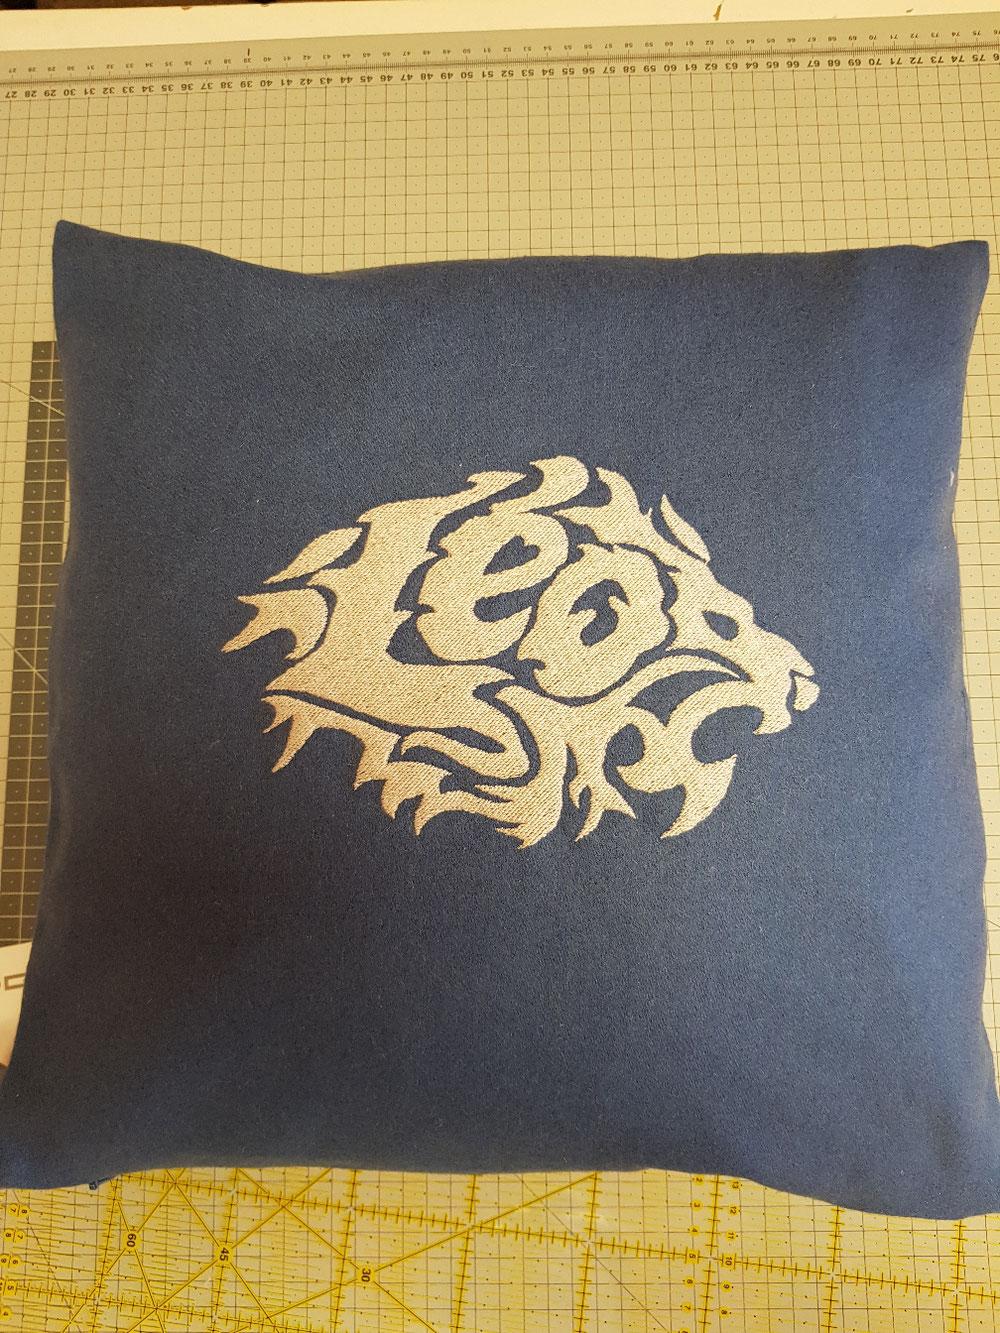 Un coussin pour Léo, d'après le dessin de Mr Kiki, du kikimundo